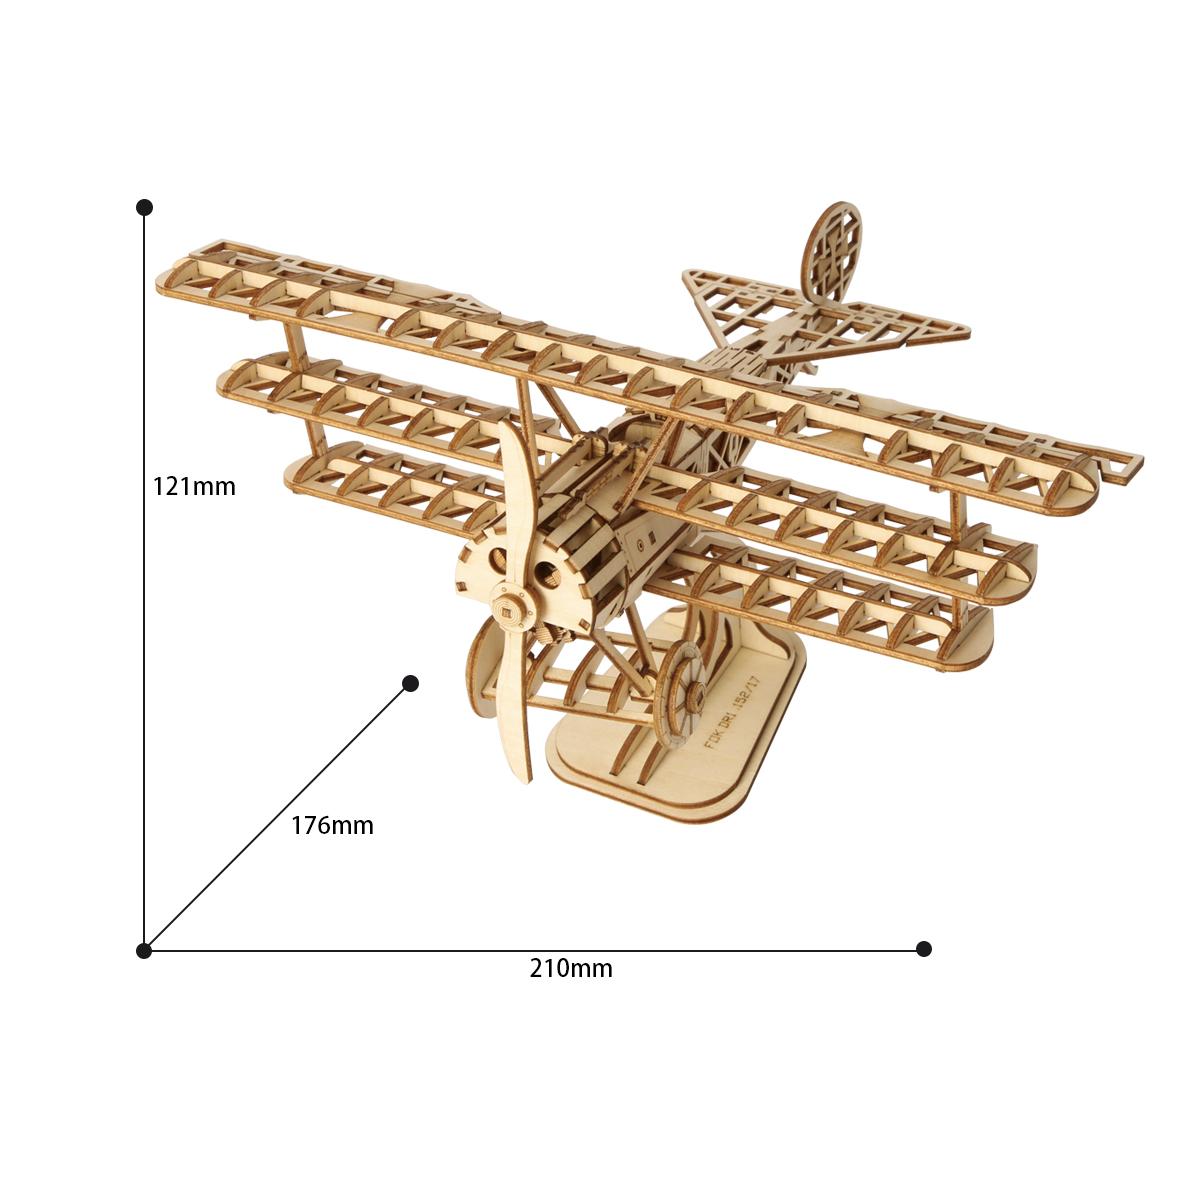 Bi-Plane TG301